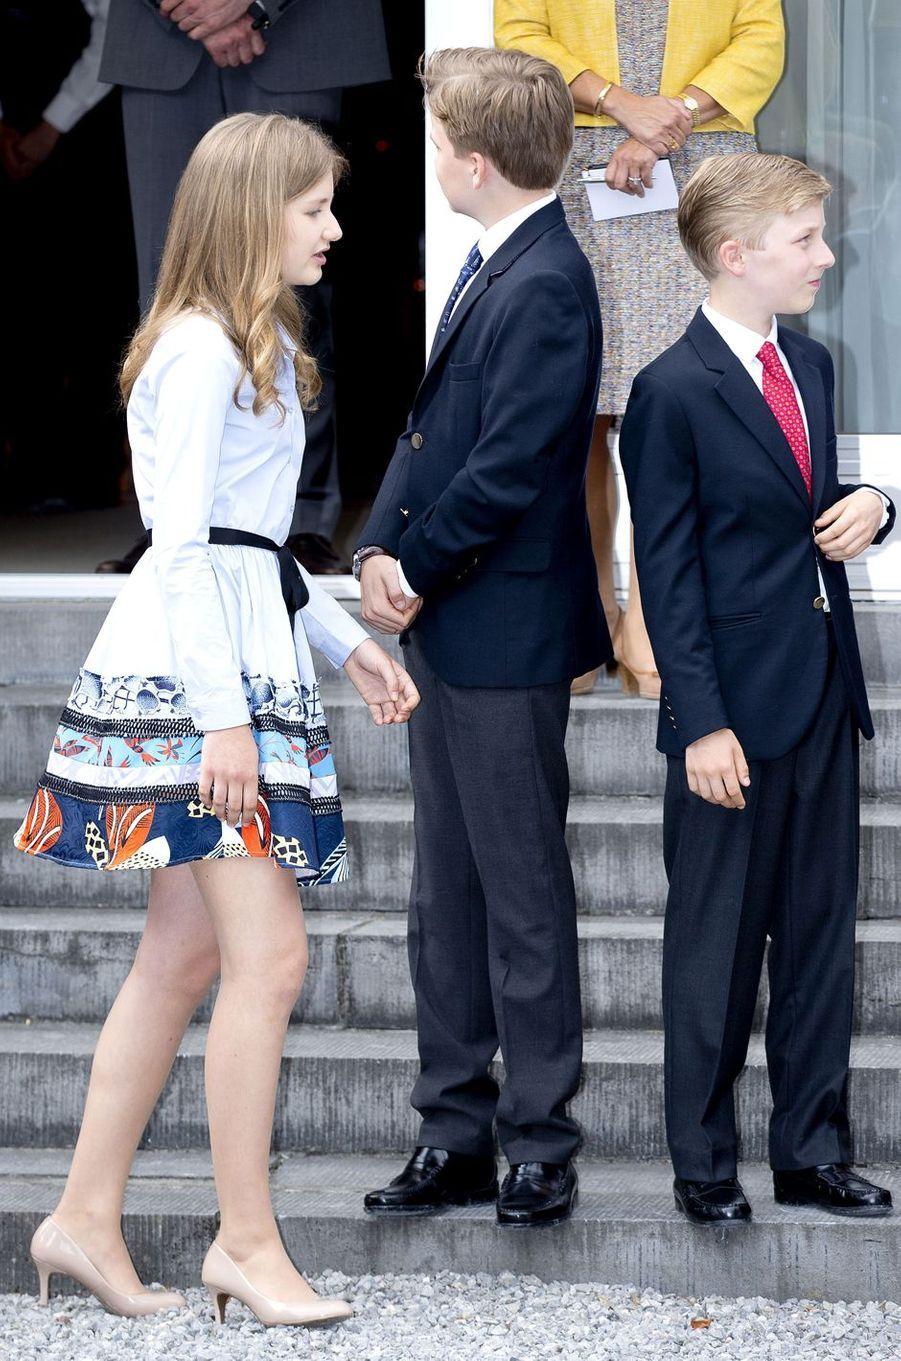 La princesse Elisabeth de Belgique avec ses frères les princes Gabriel et Emmanuel à Waterloo, le 29 juin 2017